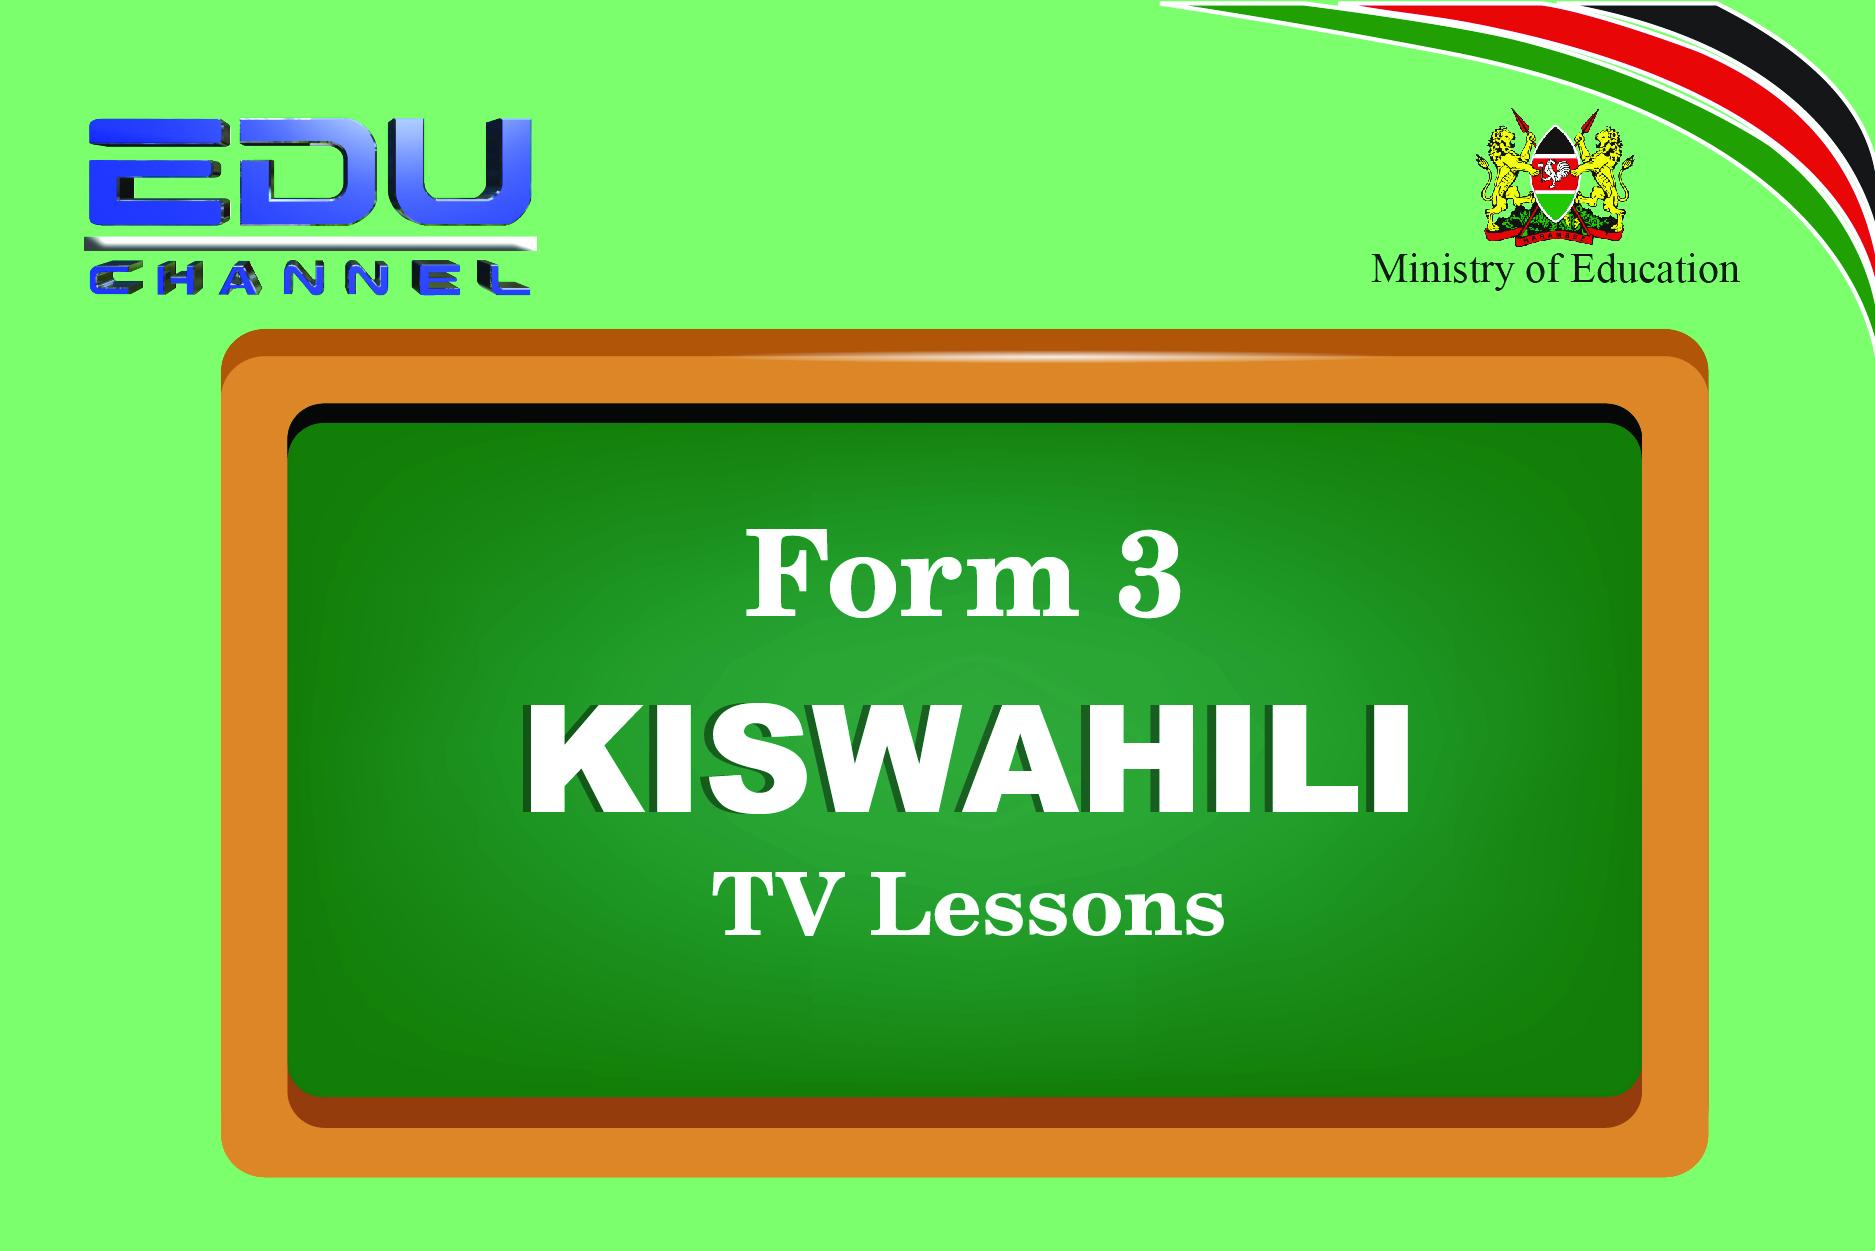 Form 3 Kiswahili Lesson 1: Insha ya tawasifu